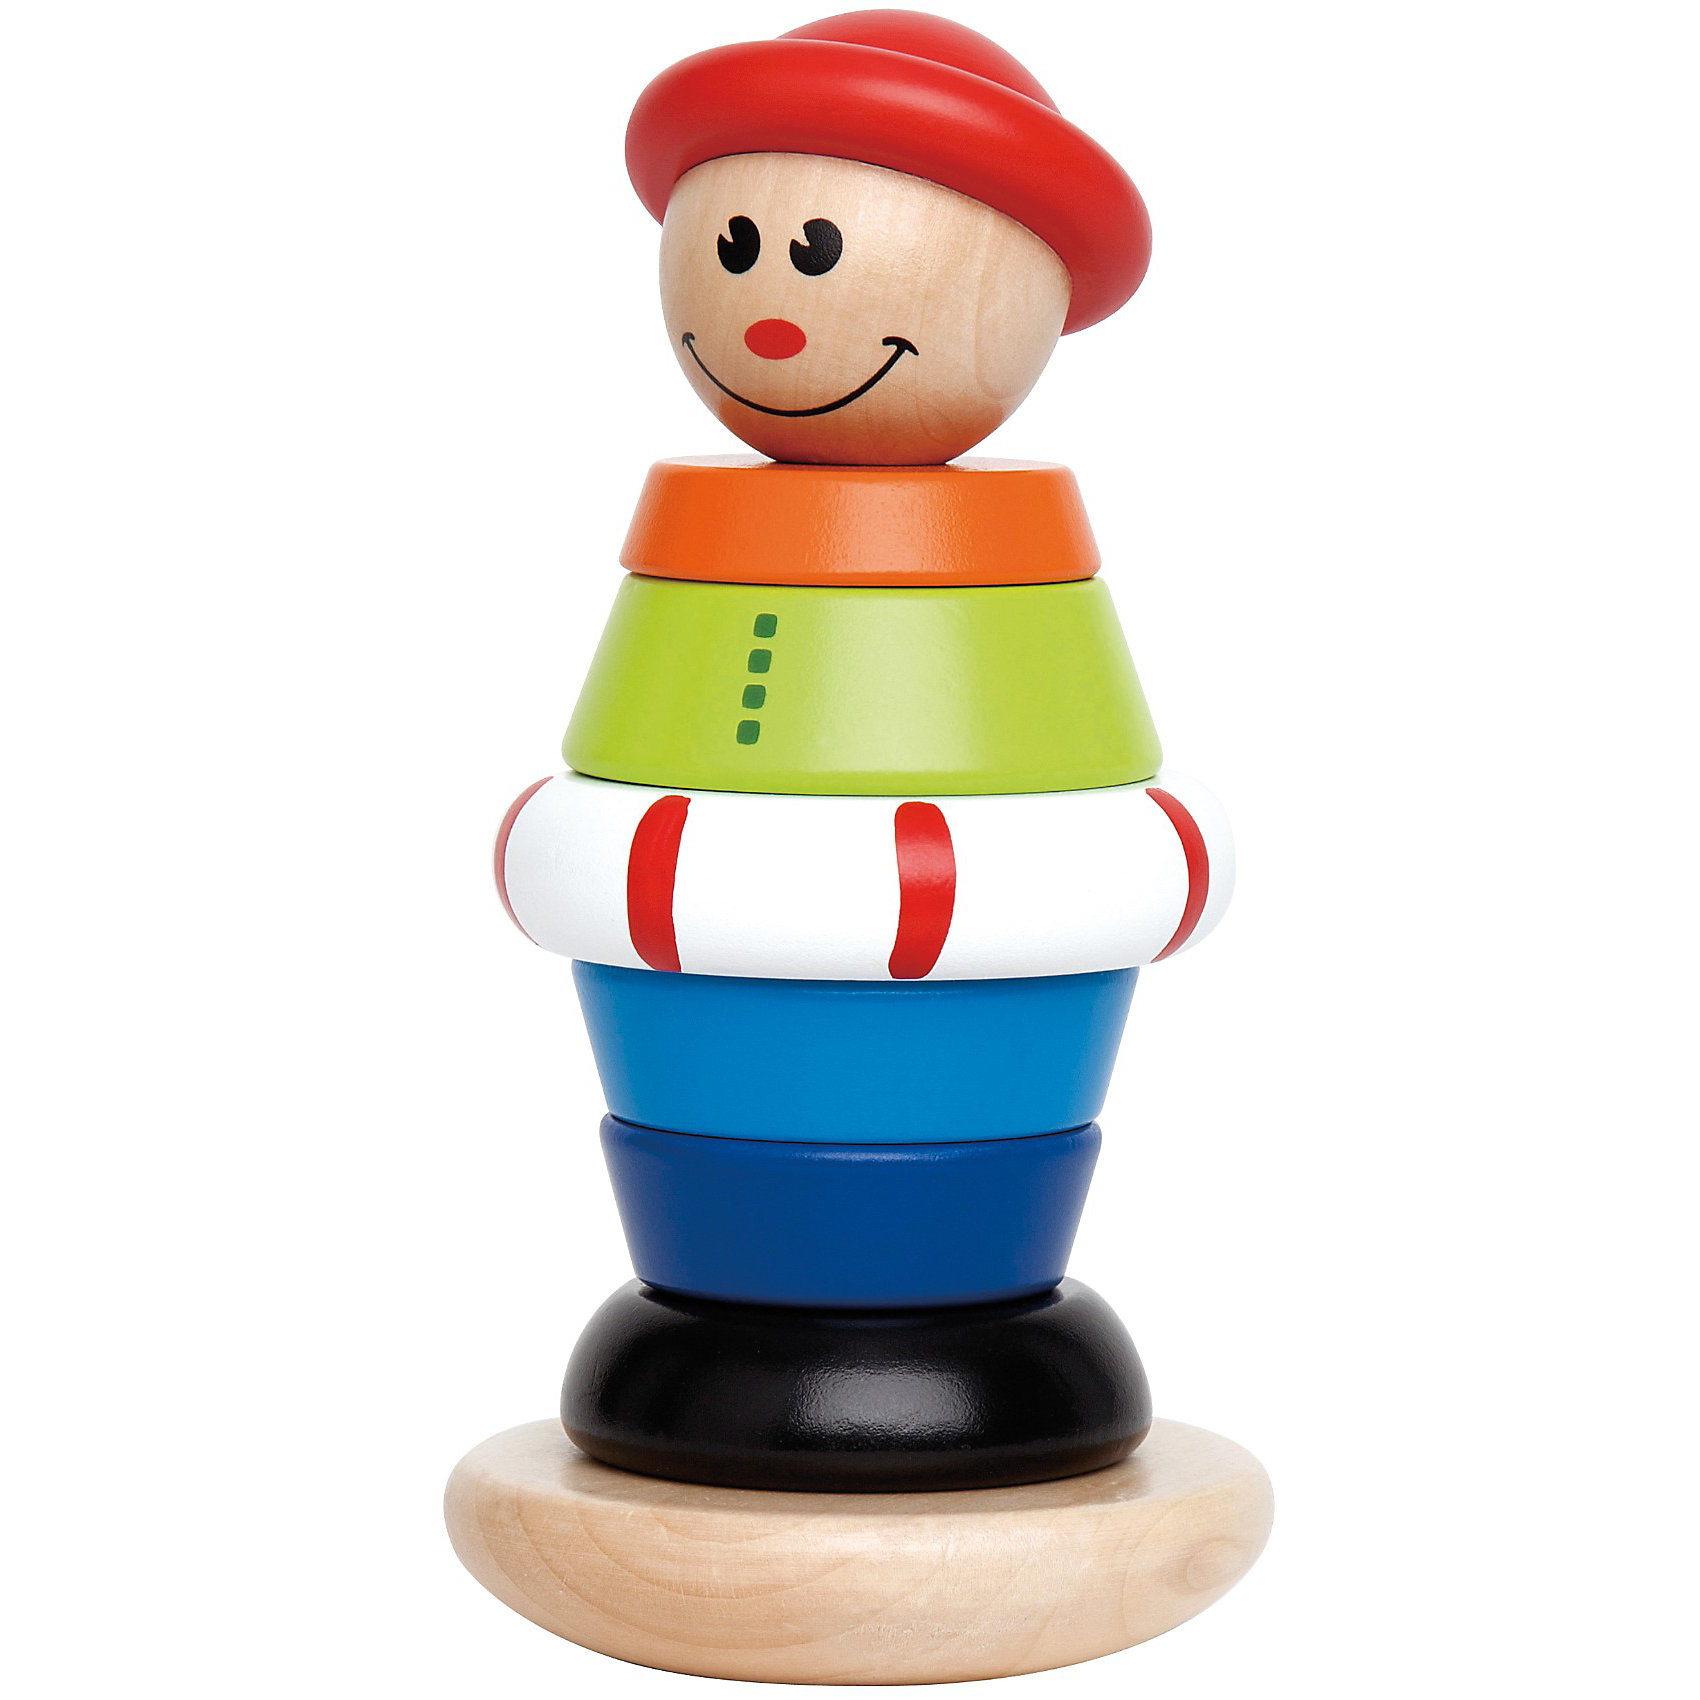 Деревянная игрушка Пирамидка, HapeЭта веселая пирамидка в виде клоуна поможет малышу научиться различать не только формы, но и цвета. Во время игры развивается концентрация и моторика рук ребенка. <br>Детали пирамидки выполнены из экологичного дерева, не имеют острых краев и углов.<br><br>Дополнительная информация:<br><br>- Возраст: от 12 месяцев<br>- Материал: дерево<br>- Размеры: 18х6х17 см<br>- Вес: 0.9 кг<br><br>Деревянную игрушку Пирамидка, Hape можно купить в нашем интернет-магазине.<br><br>Ширина мм: 189<br>Глубина мм: 91<br>Высота мм: 93<br>Вес г: 358<br>Возраст от месяцев: 12<br>Возраст до месяцев: 36<br>Пол: Унисекс<br>Возраст: Детский<br>SKU: 2503730